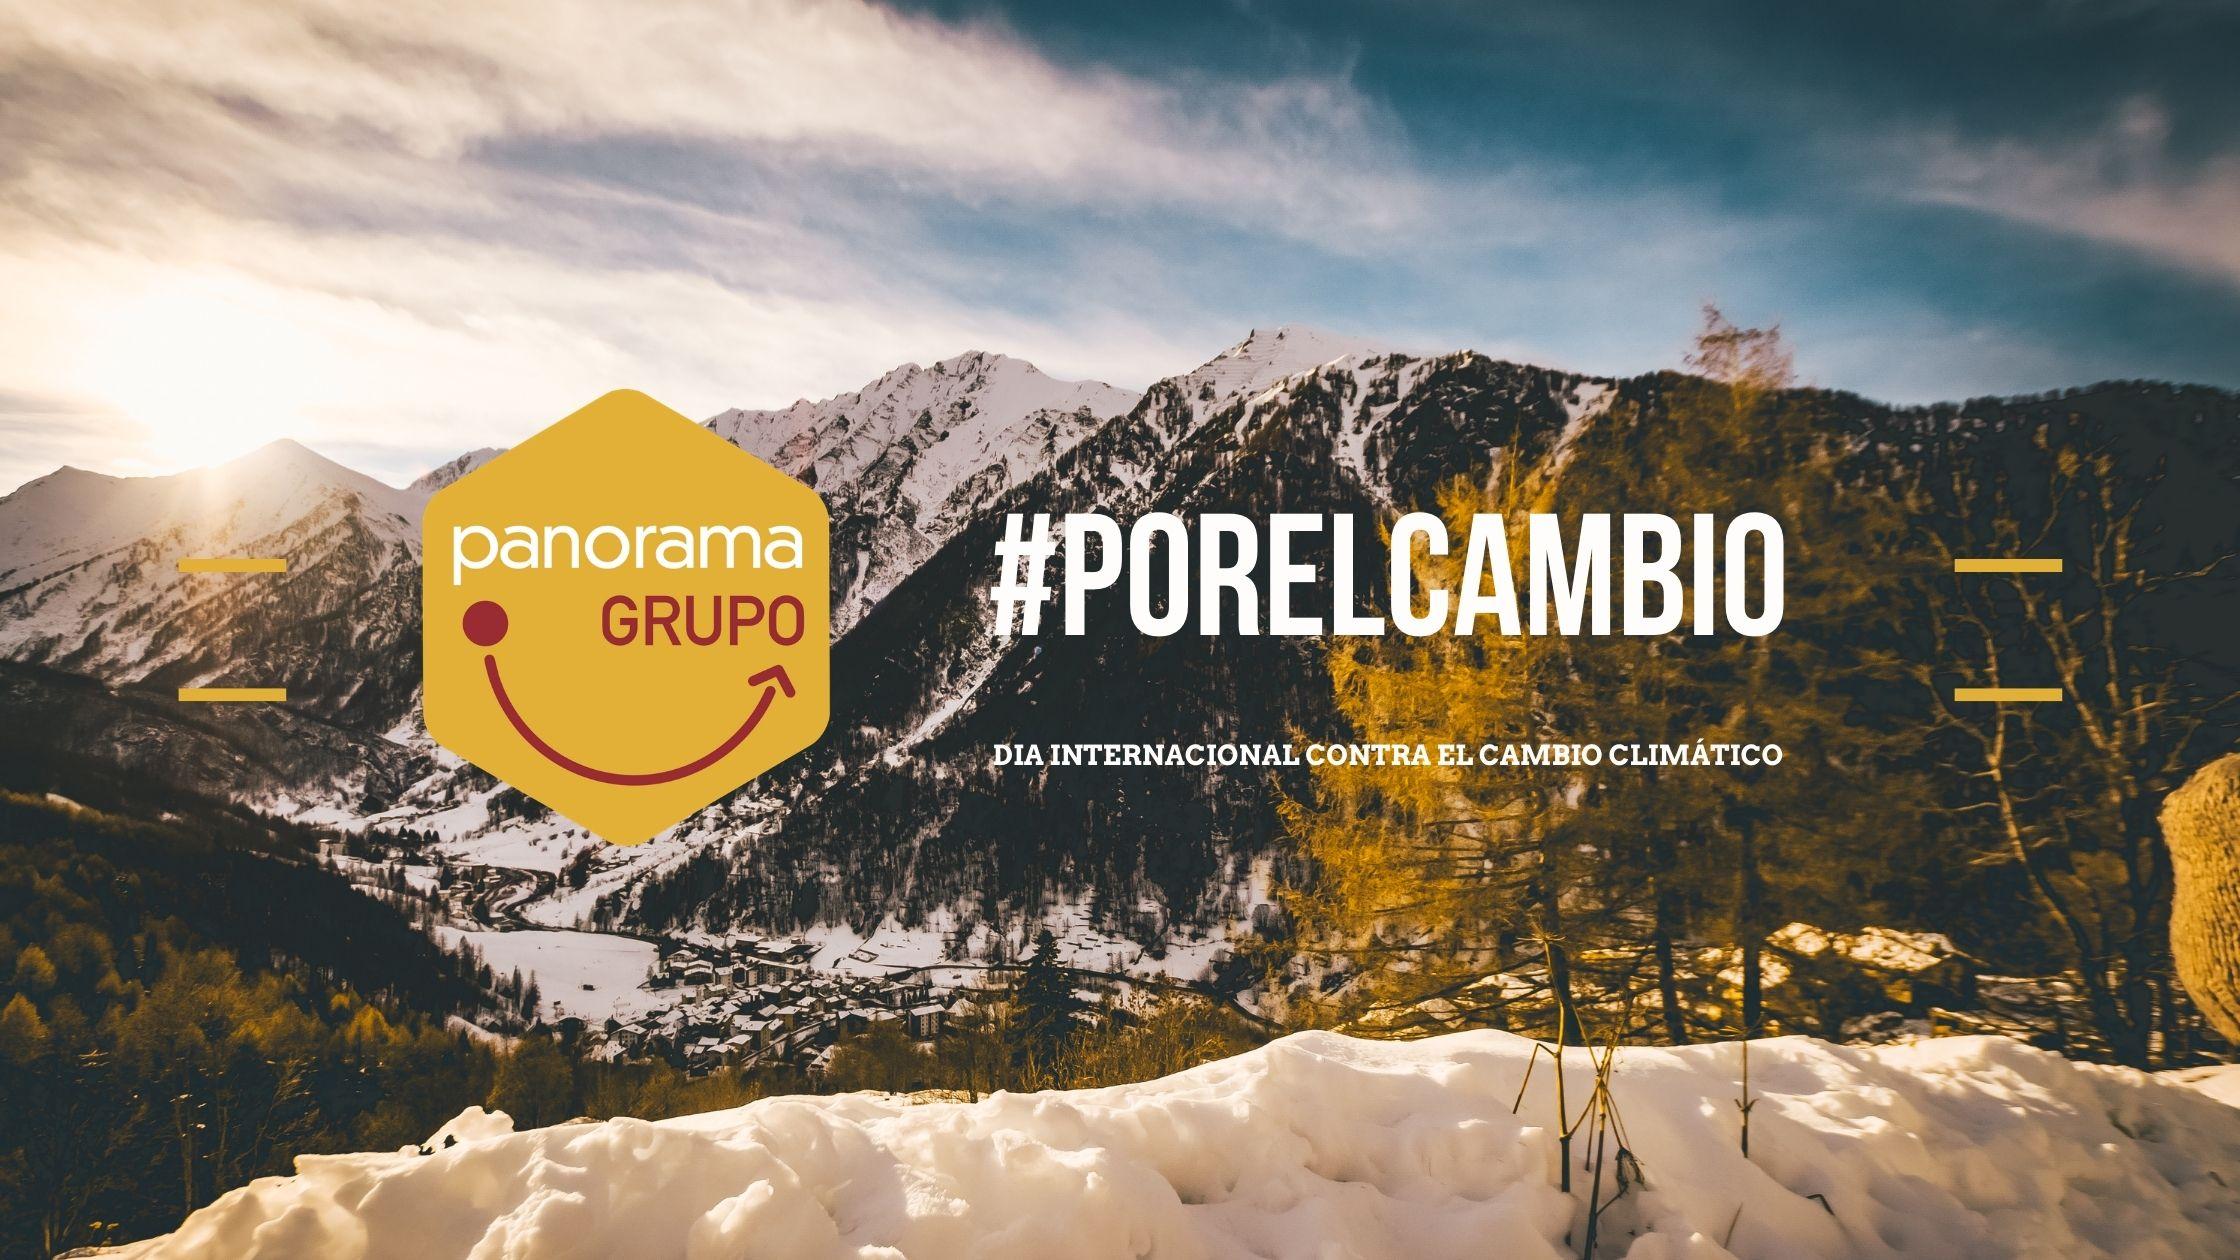 7 medidas de Grupo Panorama contra el Cambio Climático